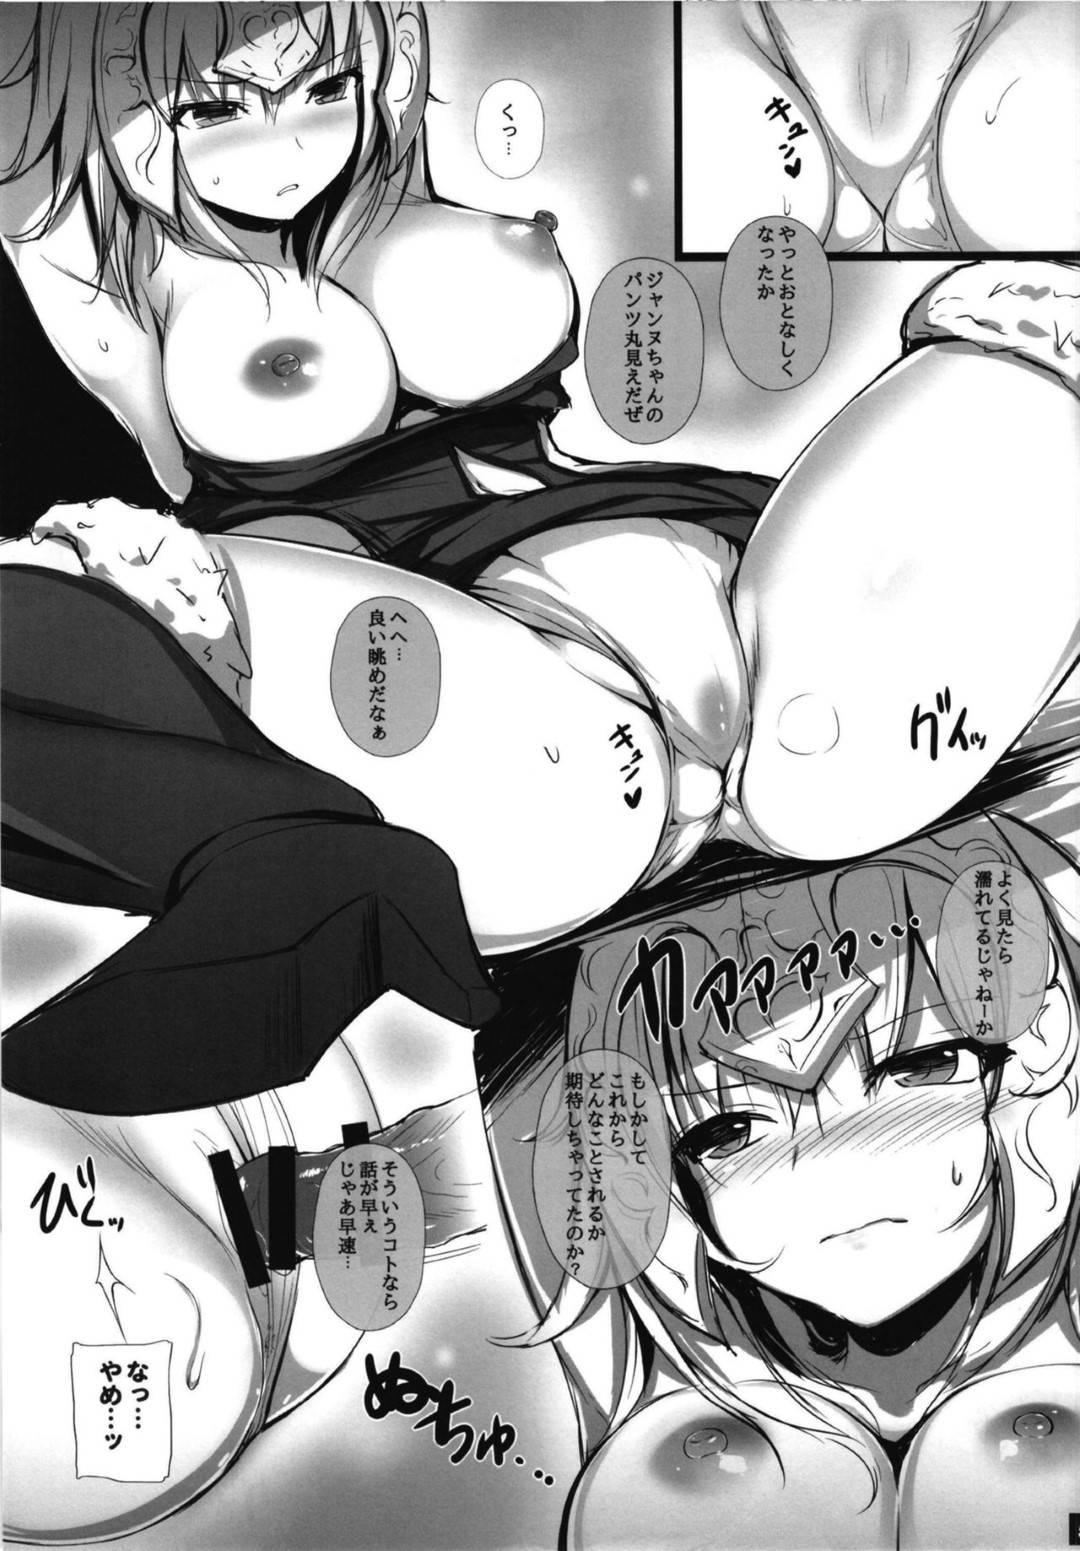 【エロ漫画】囚われの身となってしまったジャンヌオルタ。拘束されて身動きの取れない彼女は男たちに輪姦陵辱を受けてしまう。バックでハメられながらイラマされて口内射精&中出しで全身精子まみれに!